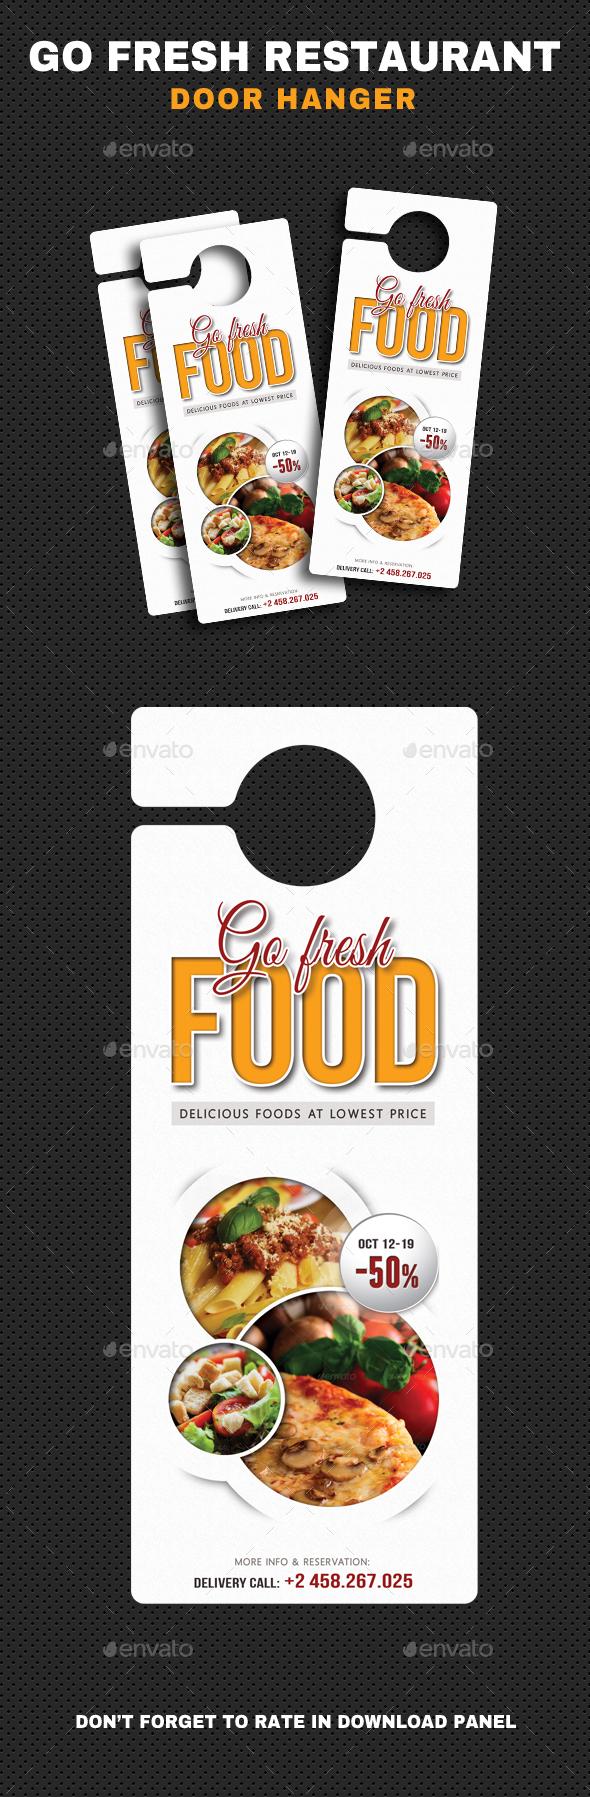 Go Fresh Restaurant Door Hanger